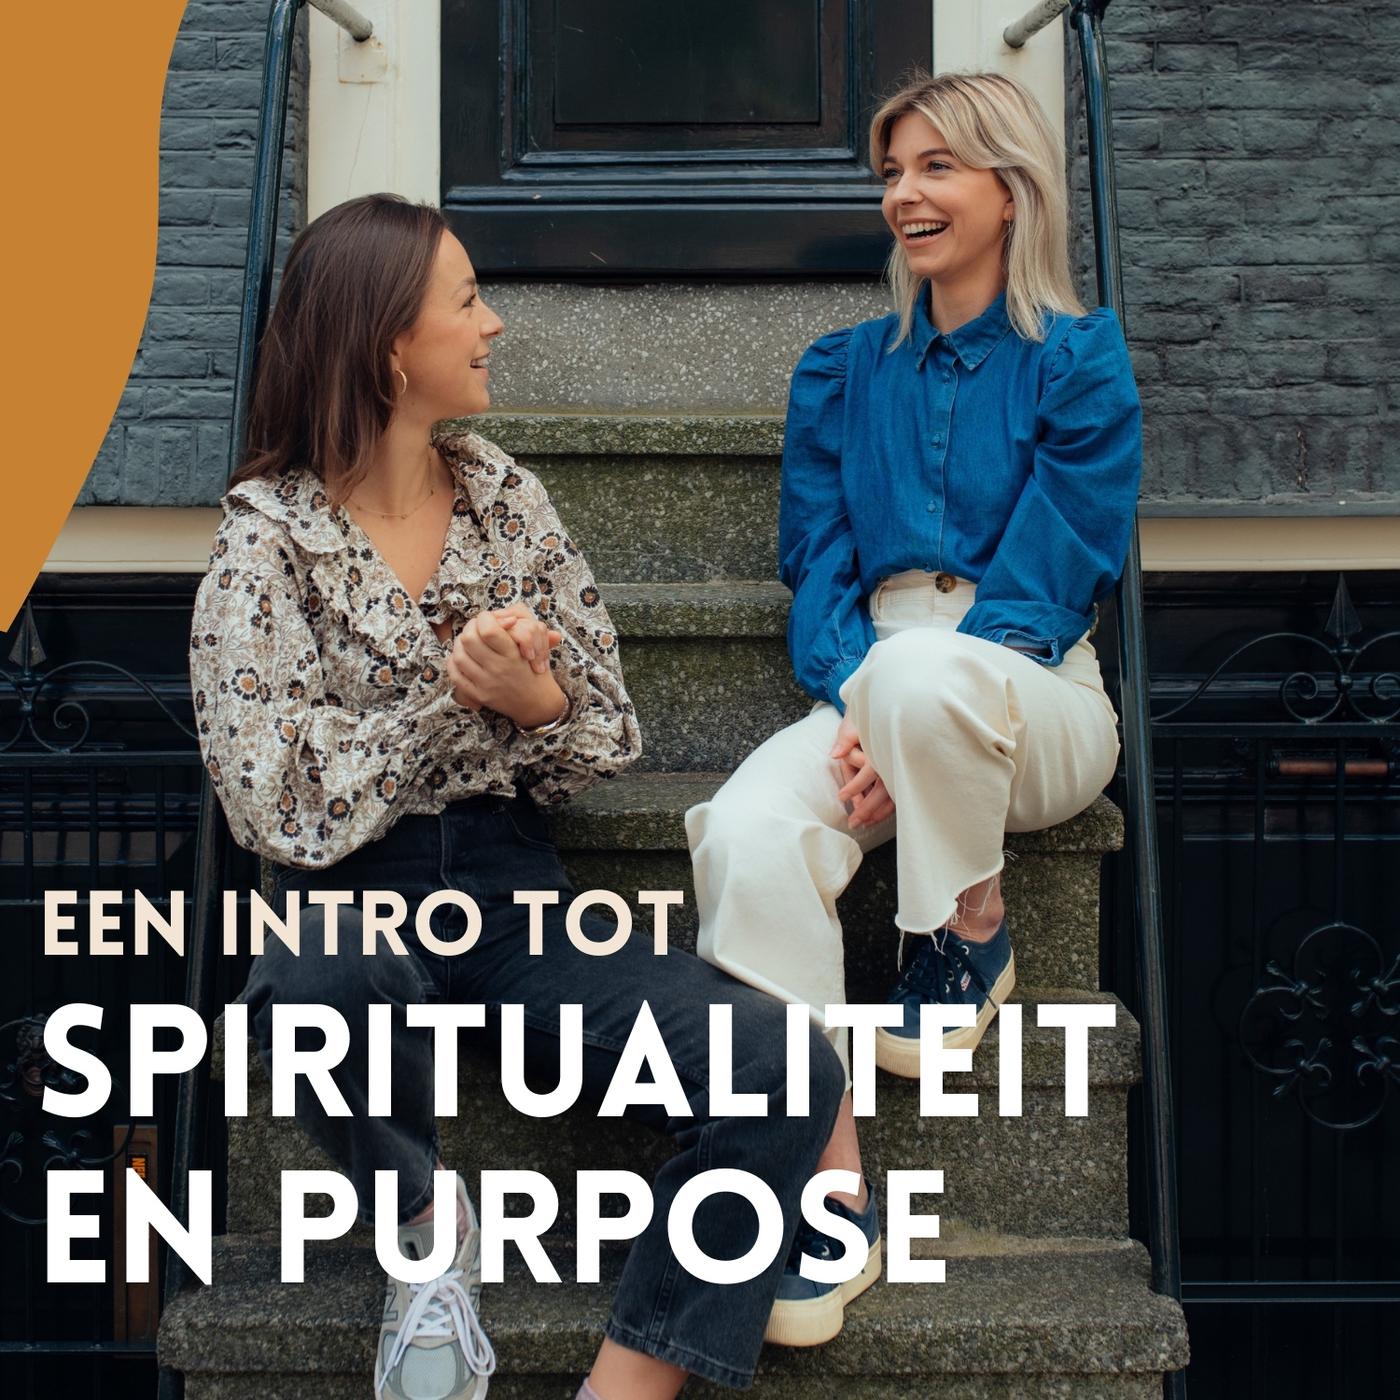 Een introductie tot spiritualiteit & hoe je jouw purpose vindt